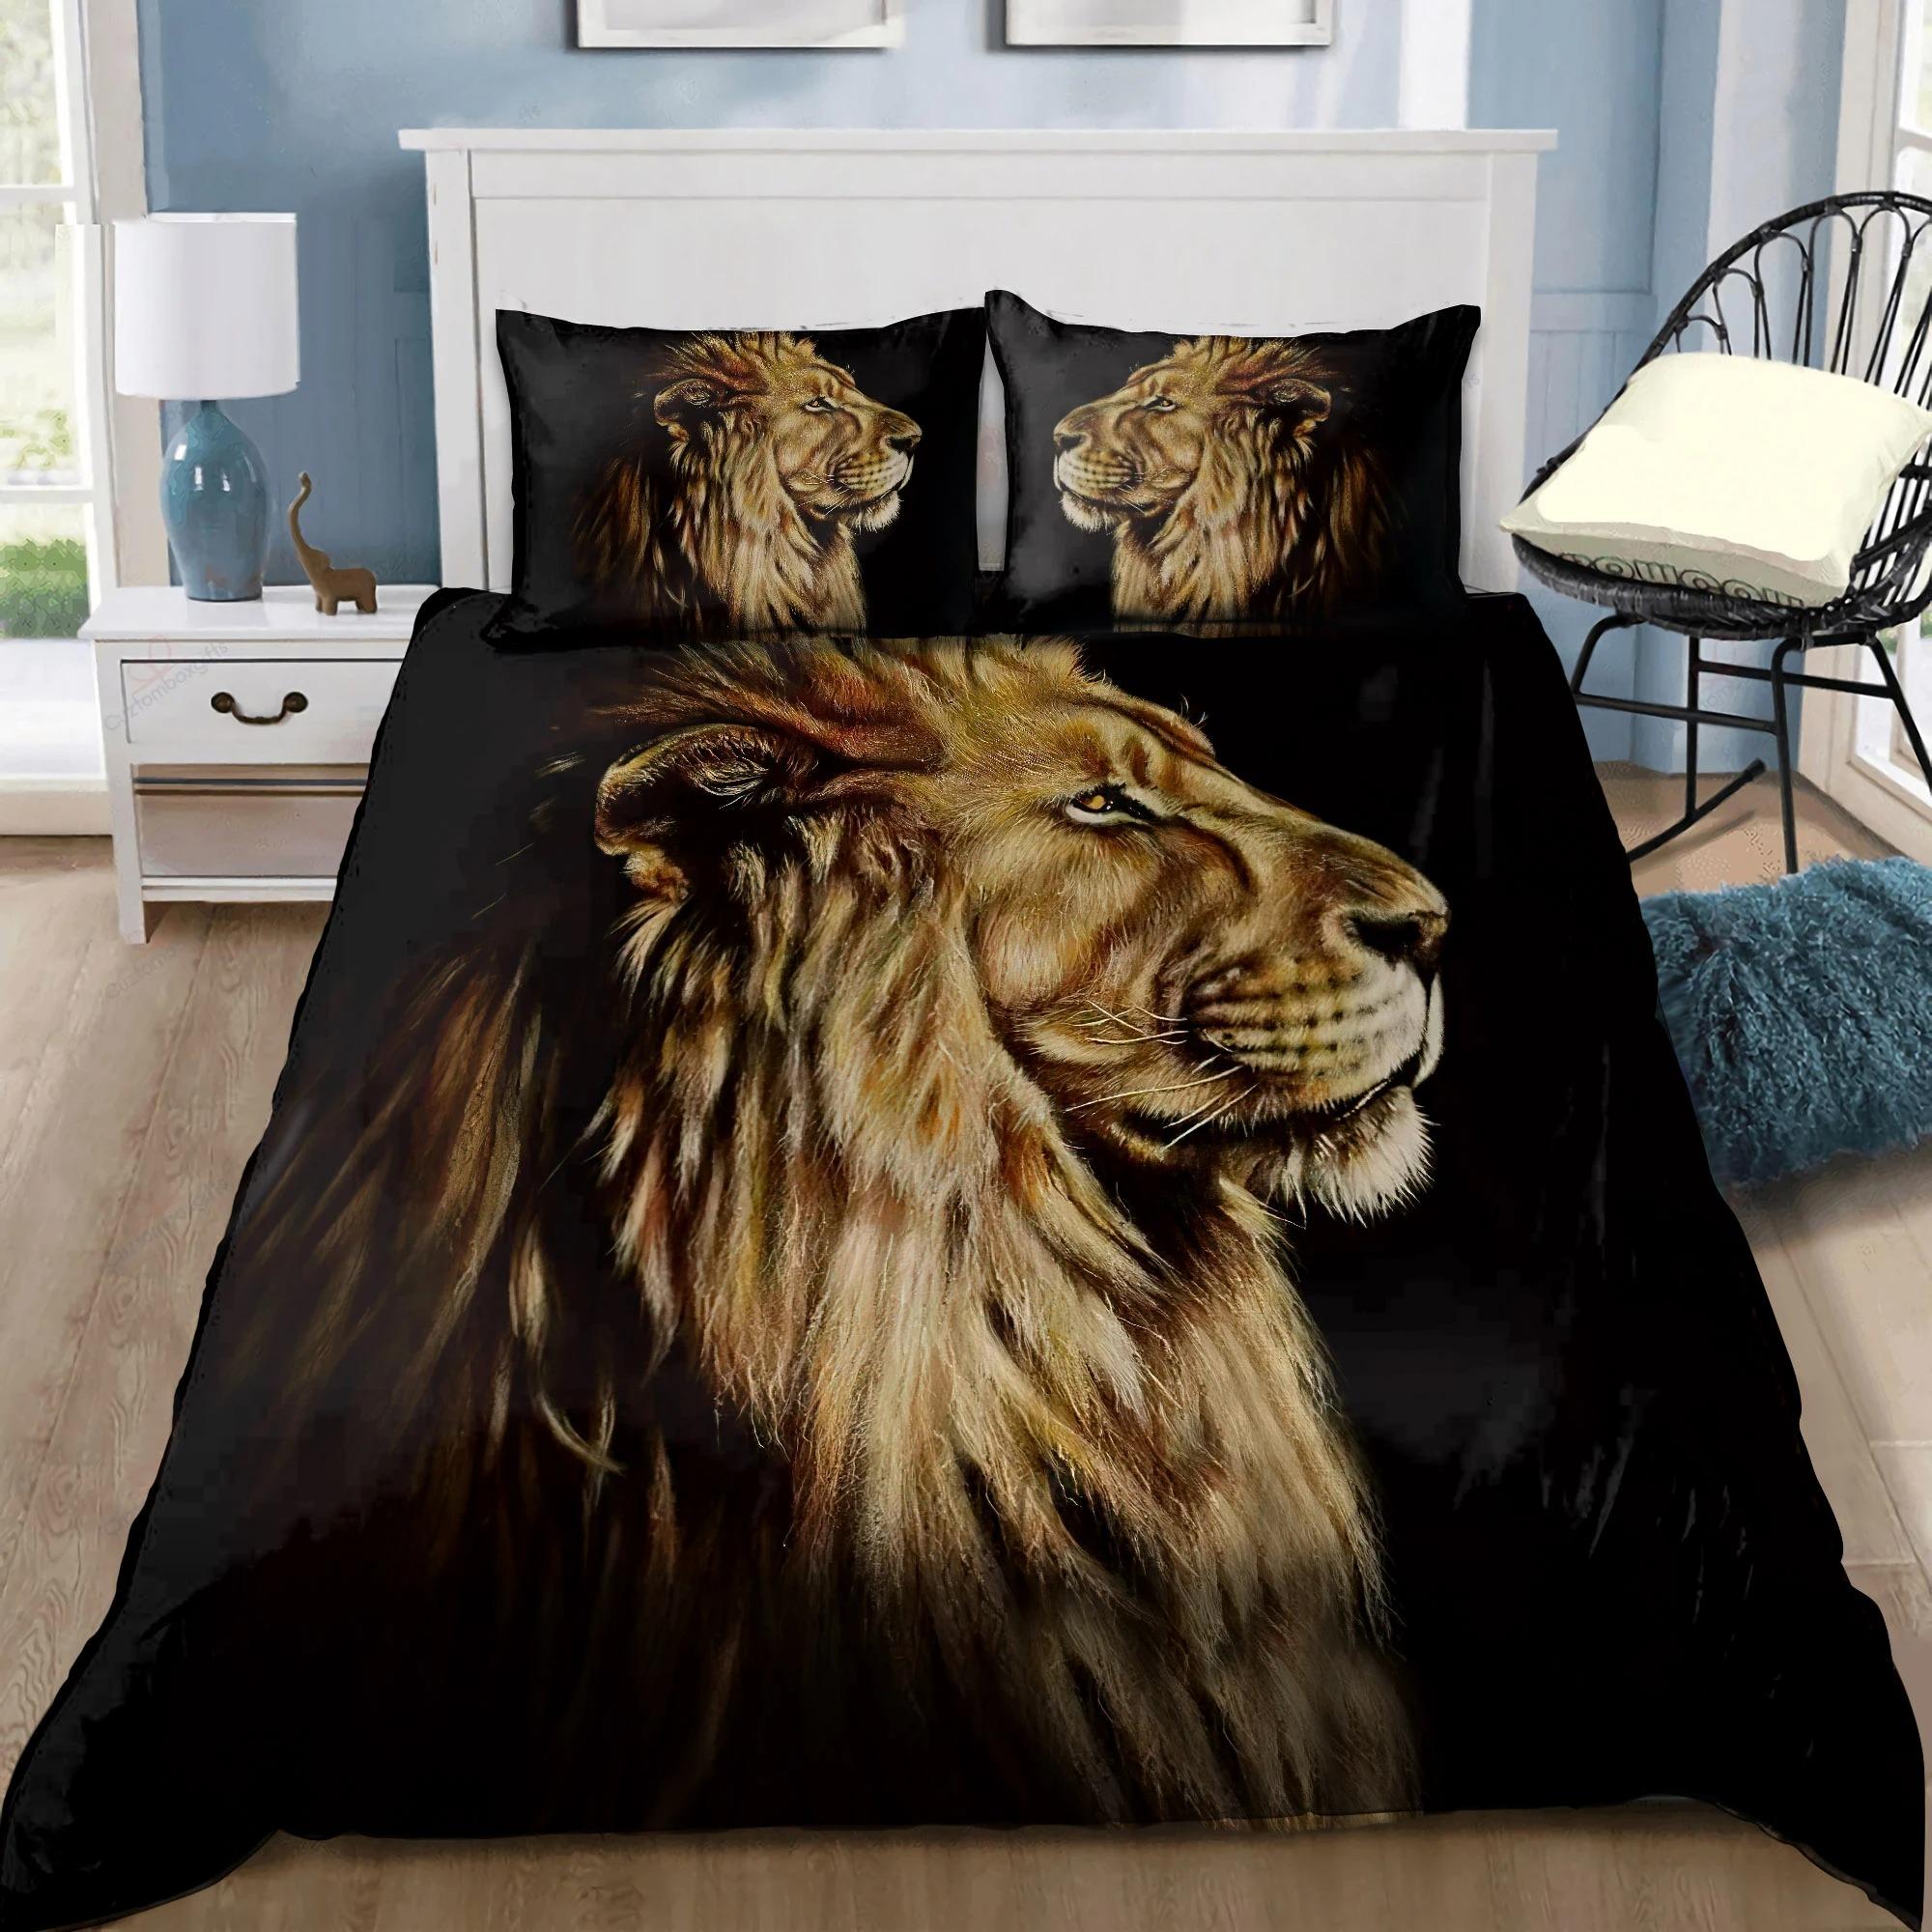 Lion King Portrait Bedding Set1